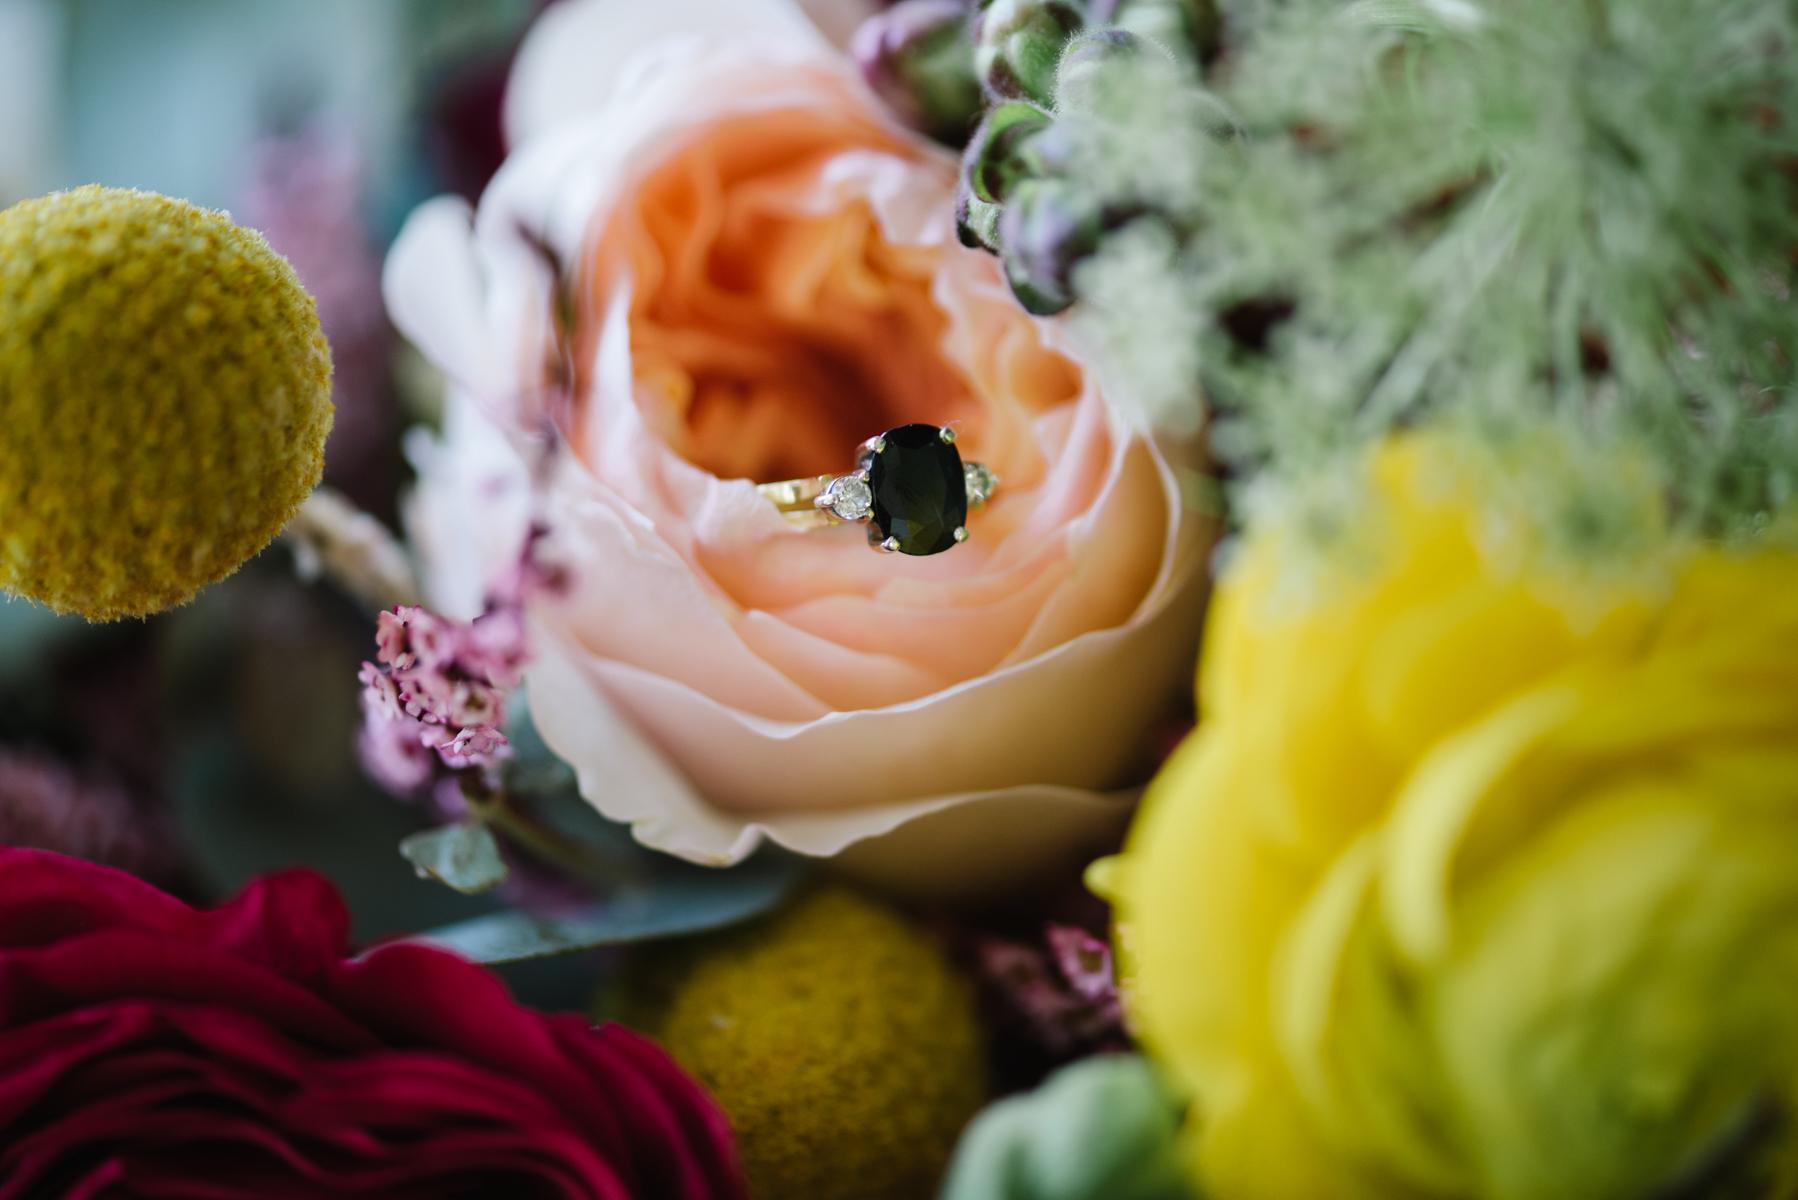 sarahandBenwedding- skyla sage photography weddings, families, byron bay,tweed coast,kingscliff,cabarita,gold coast-103.jpg